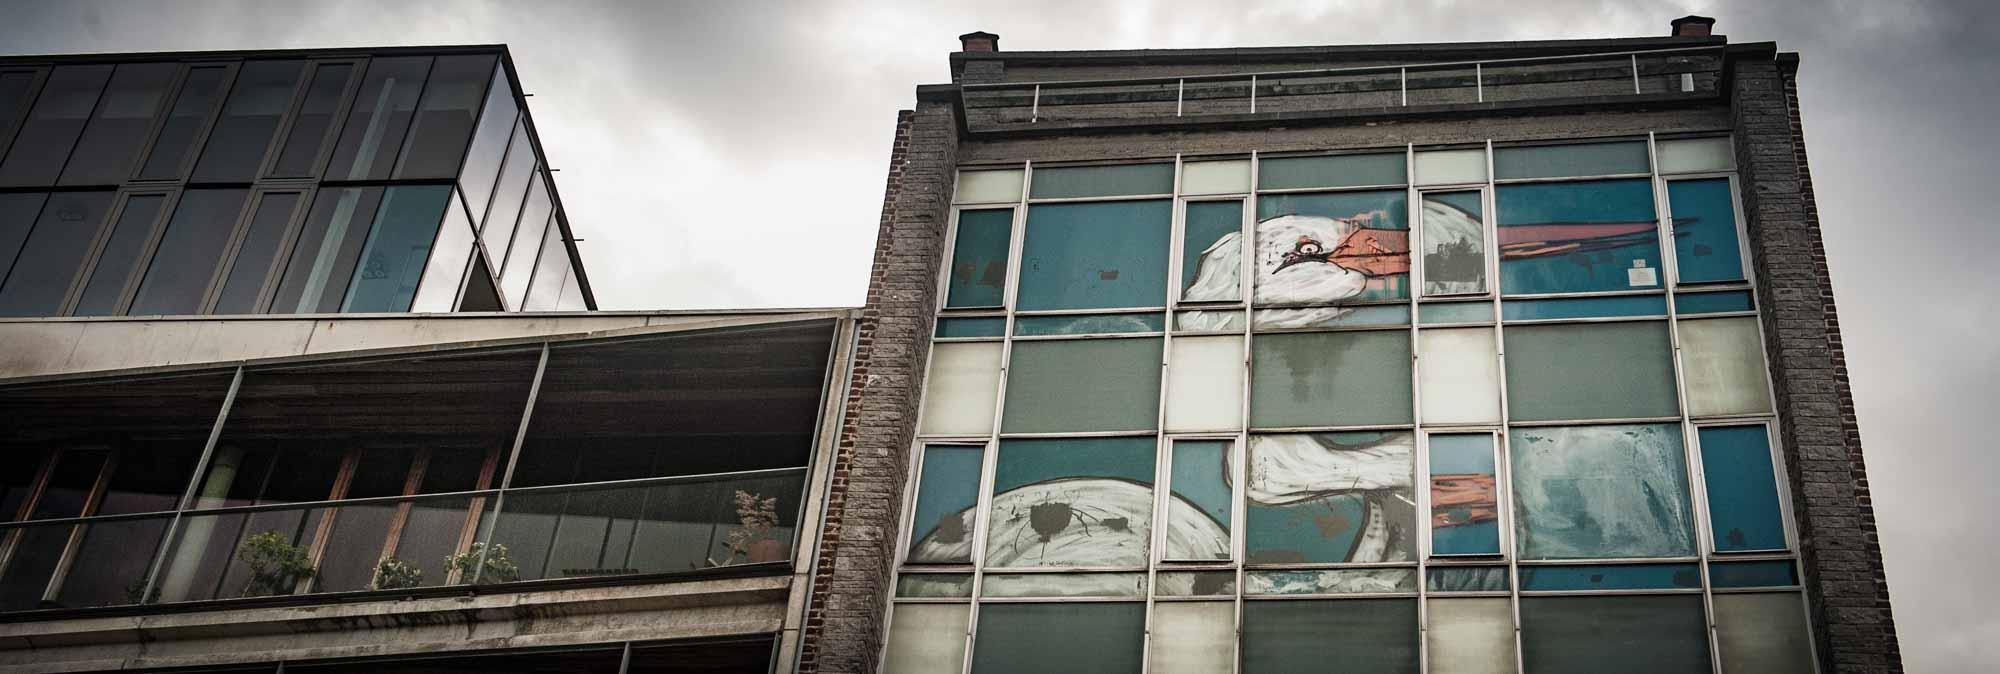 Détail de la fresque d'une cigogne réalisée par Bonom en 2012 rue de l'Héliport à Bruxelles